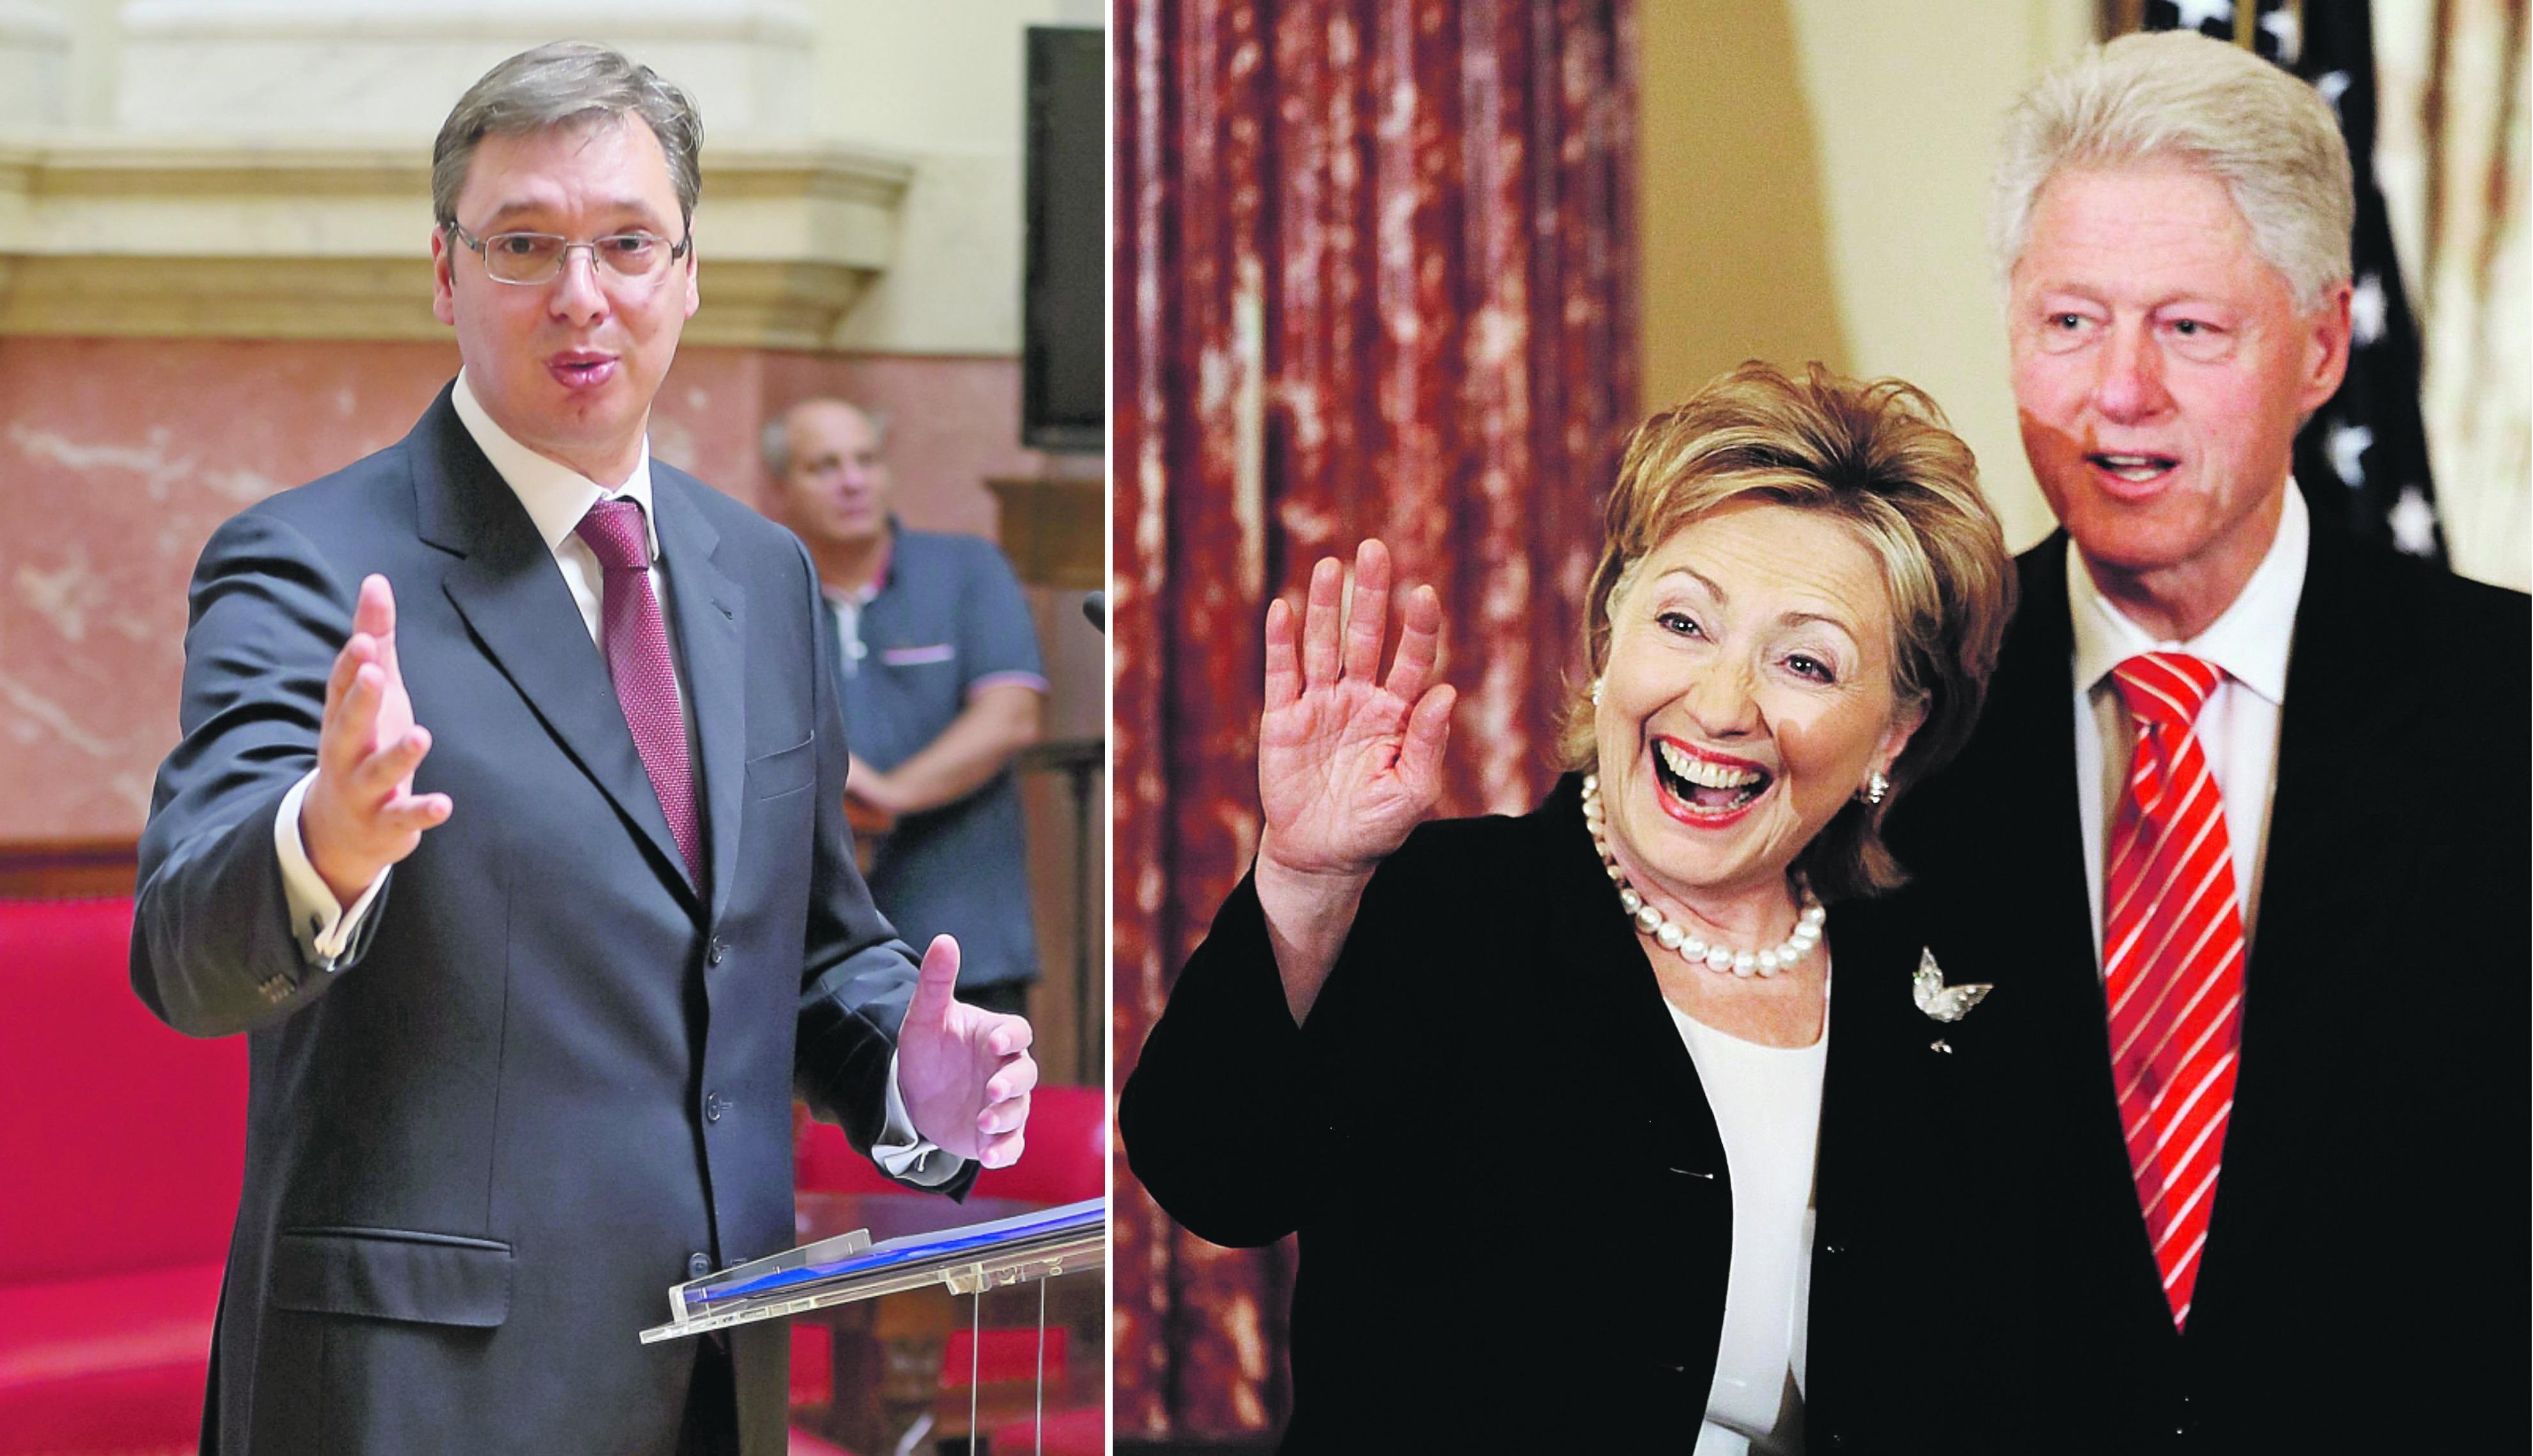 DJB: Skrivene veze premijera, SNS-a i Klintonovih